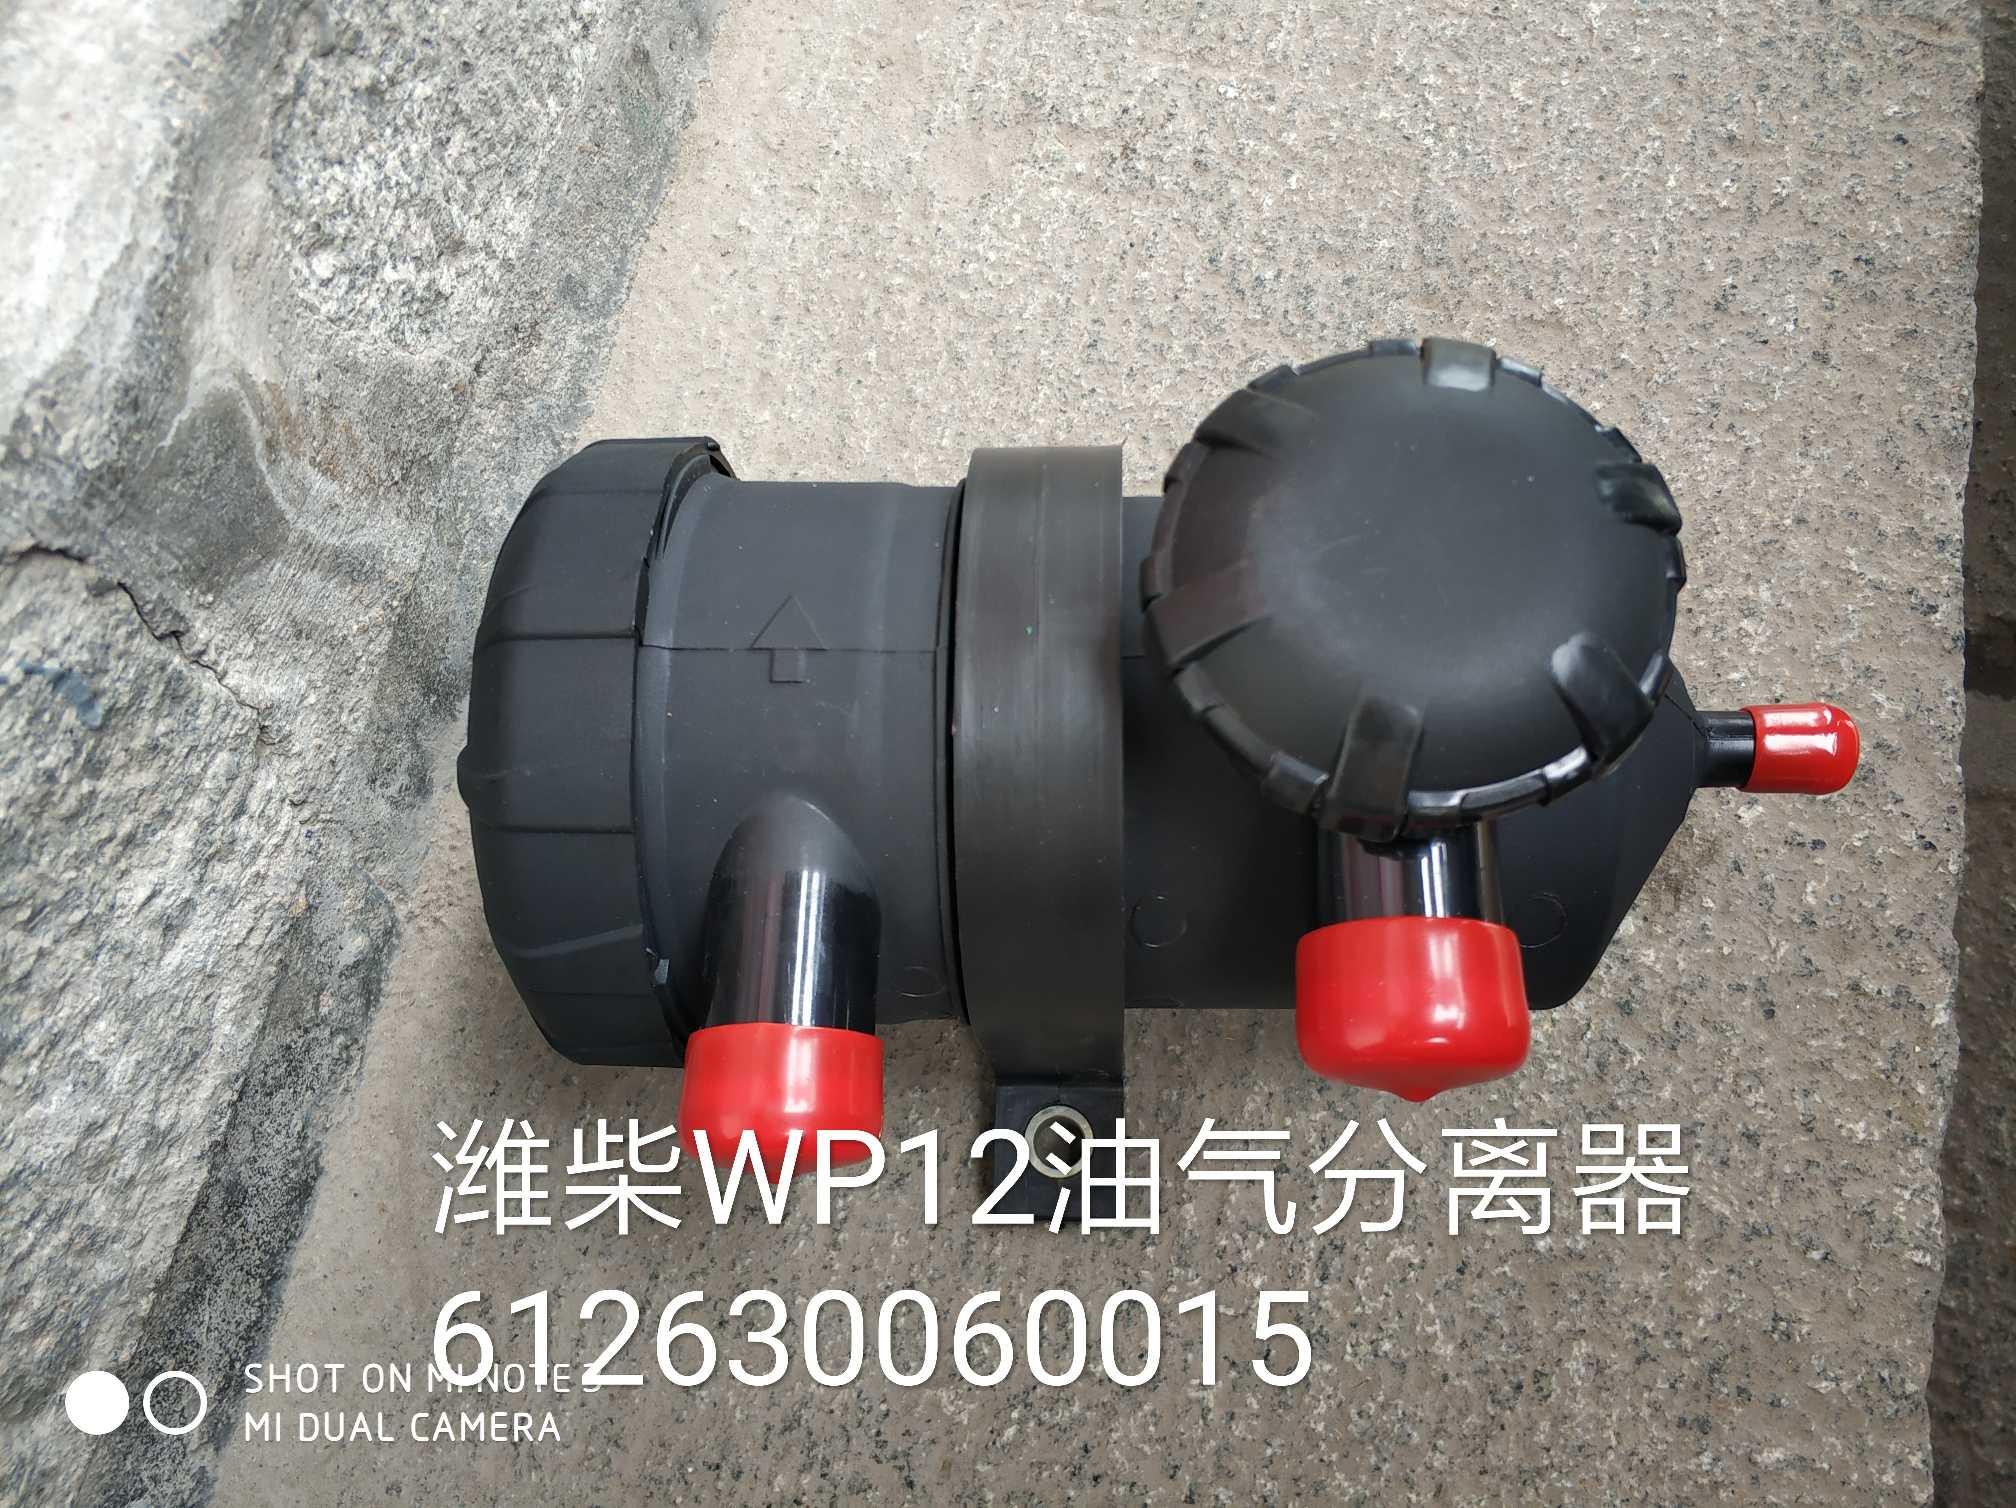 潍柴WP12油气分离器612630060015